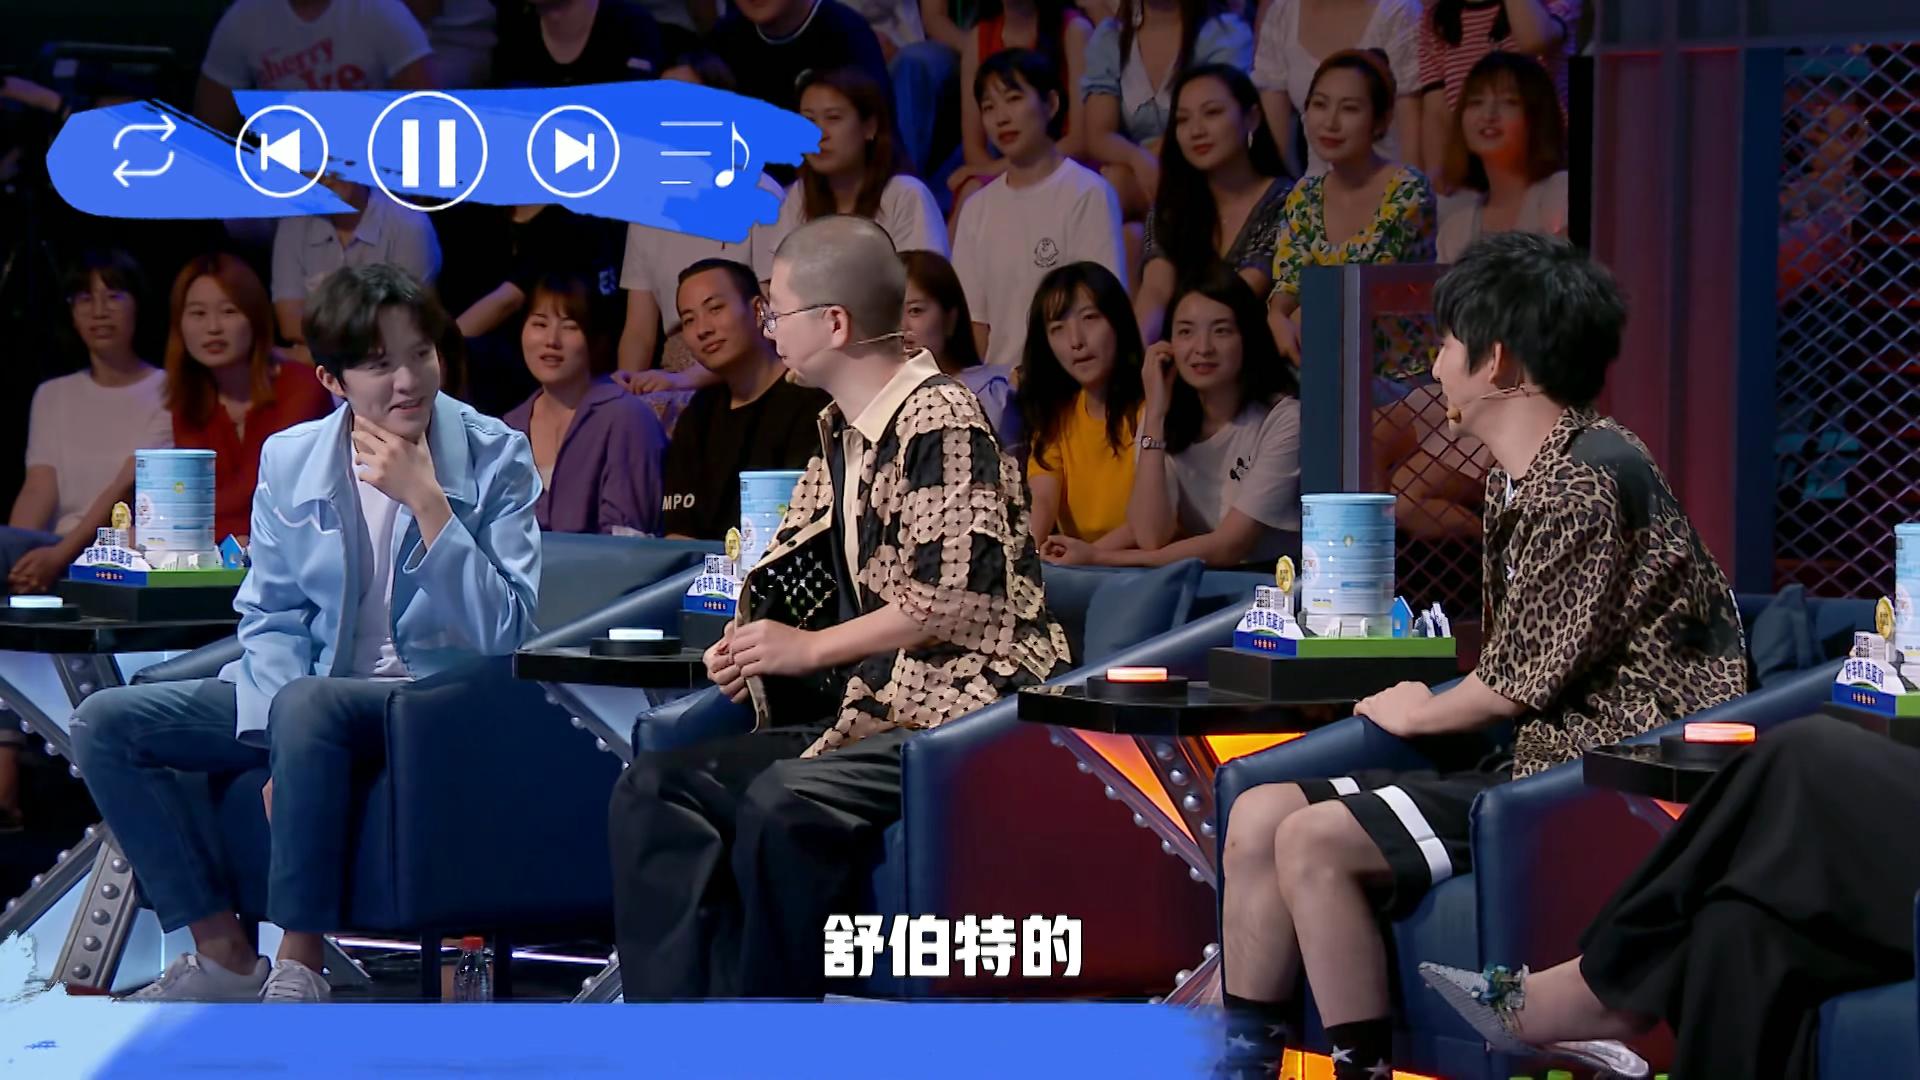 《脱口秀大会3》钢琴大师李云迪,用音乐给选手们打标签